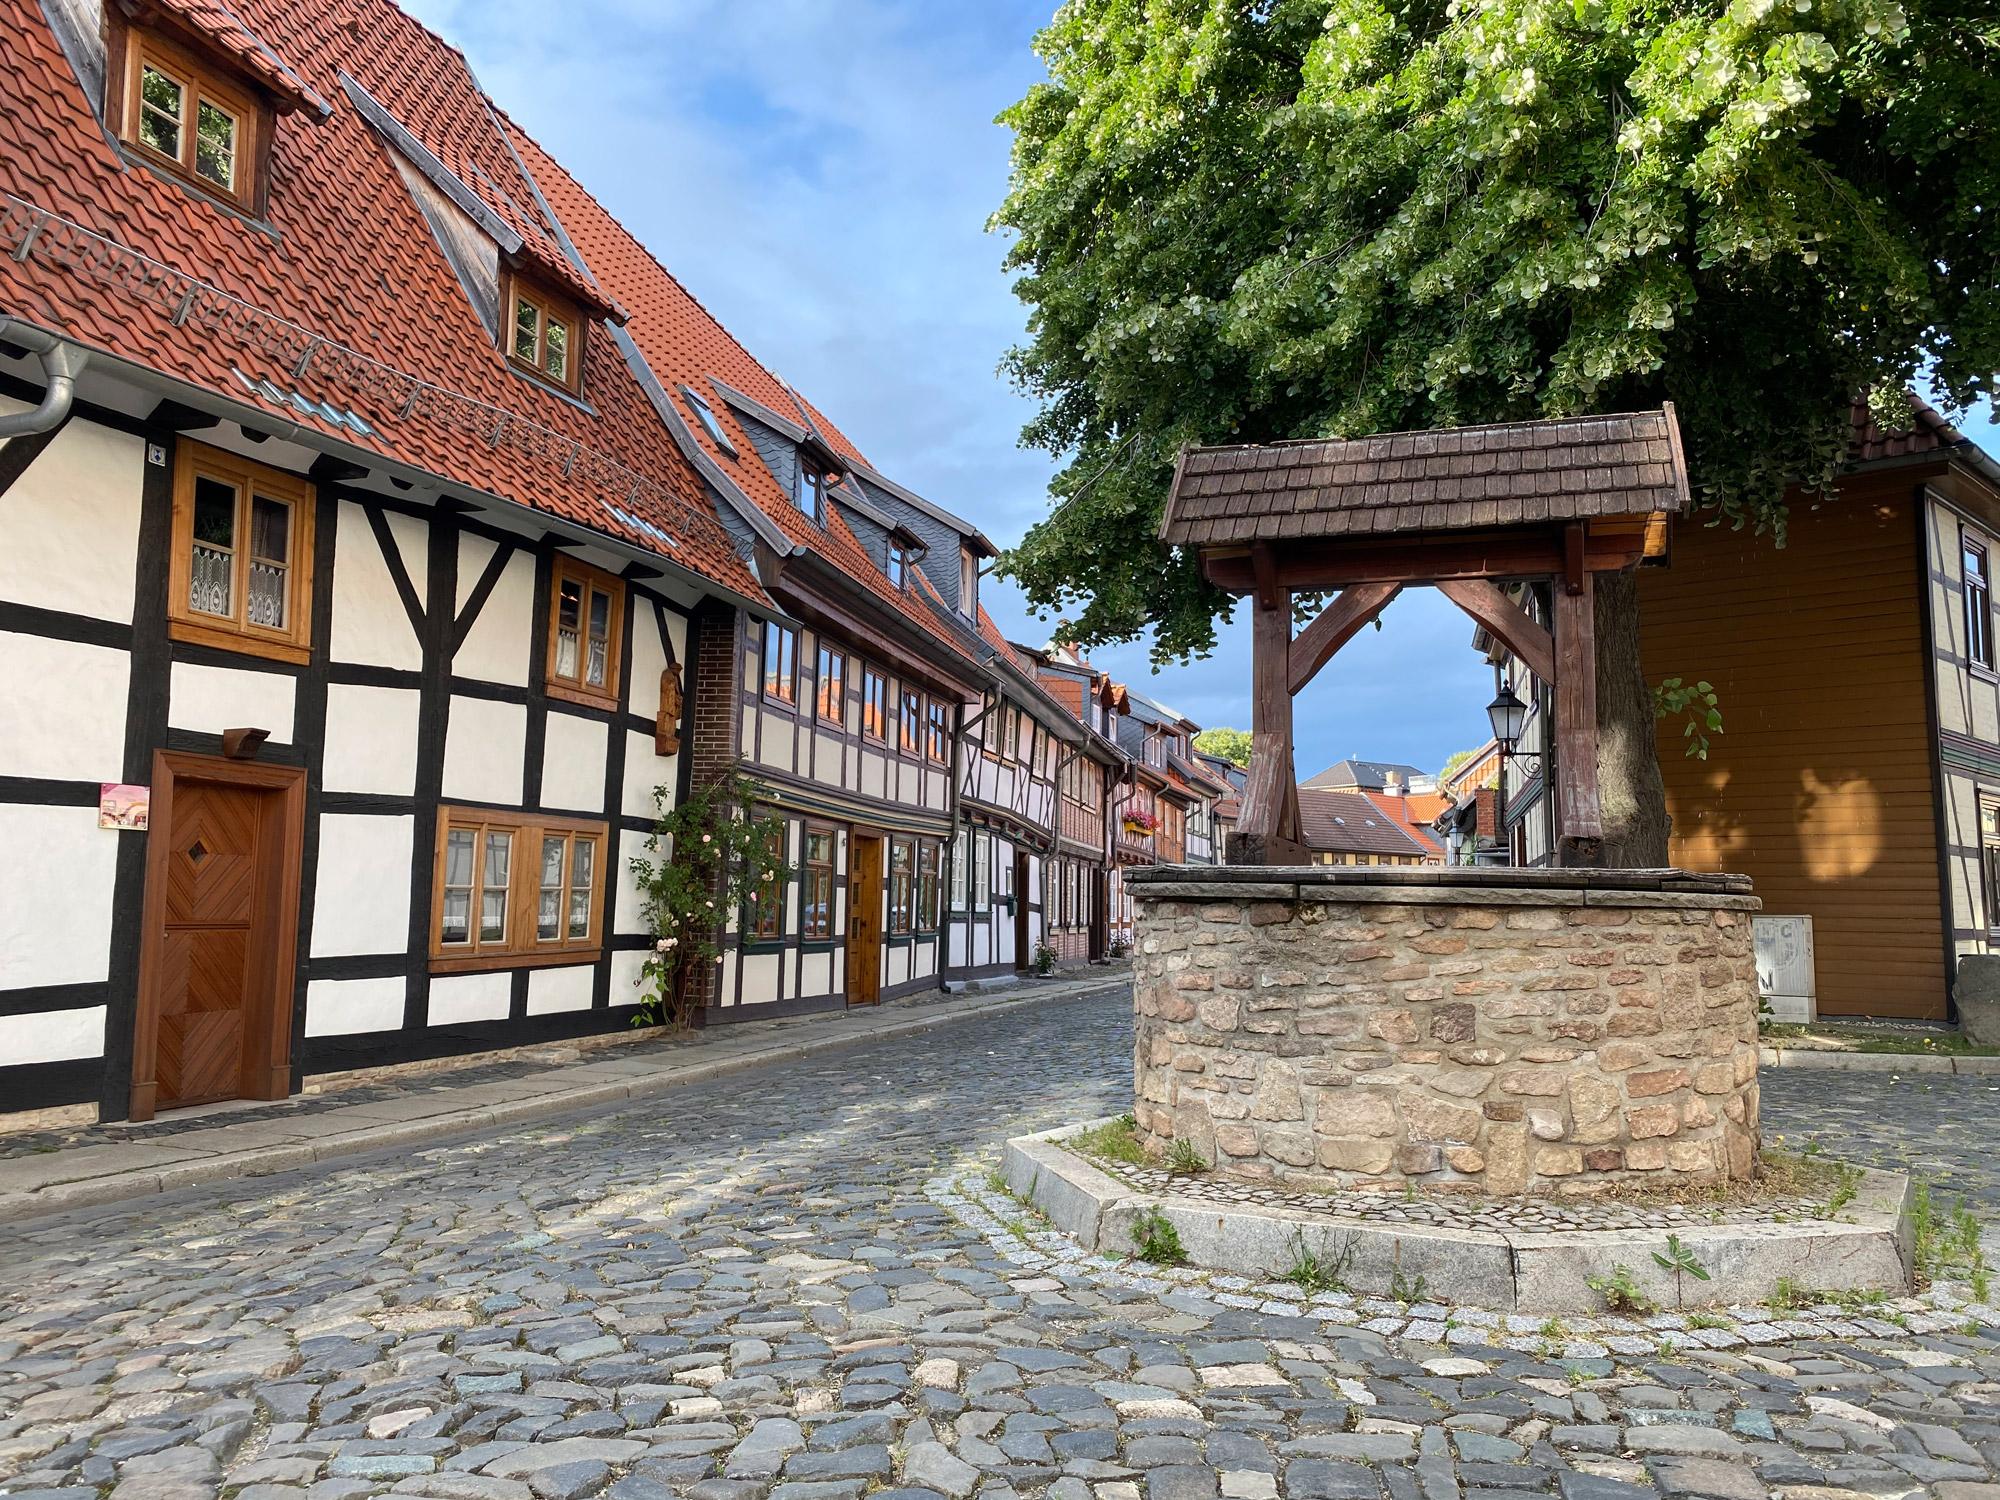 Tsjechië reis - dag 1 - Wernigerode